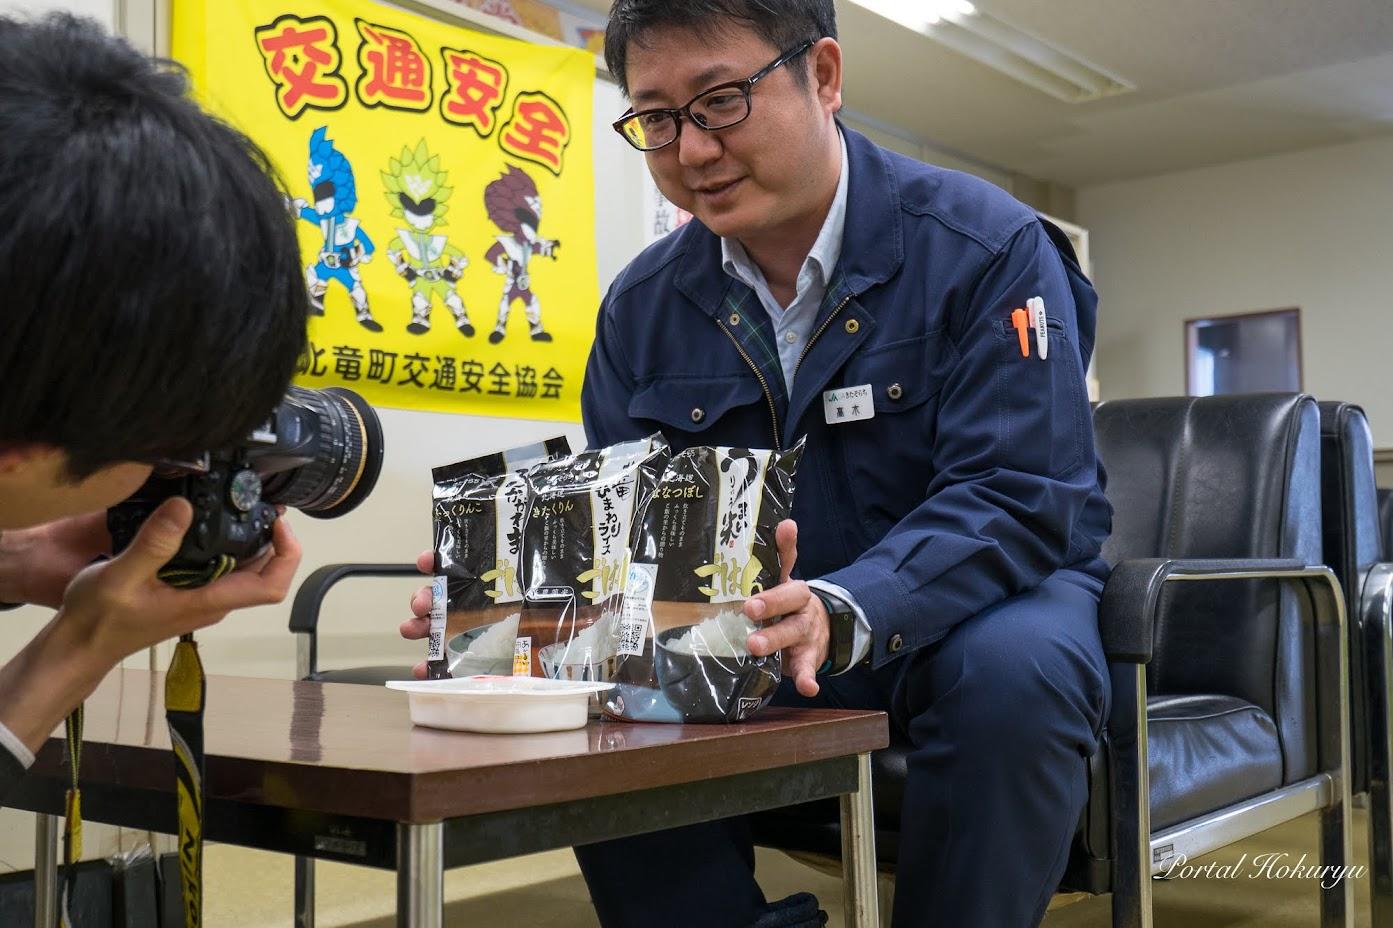 北海道新聞深川支局・矢野亘 記者も取材